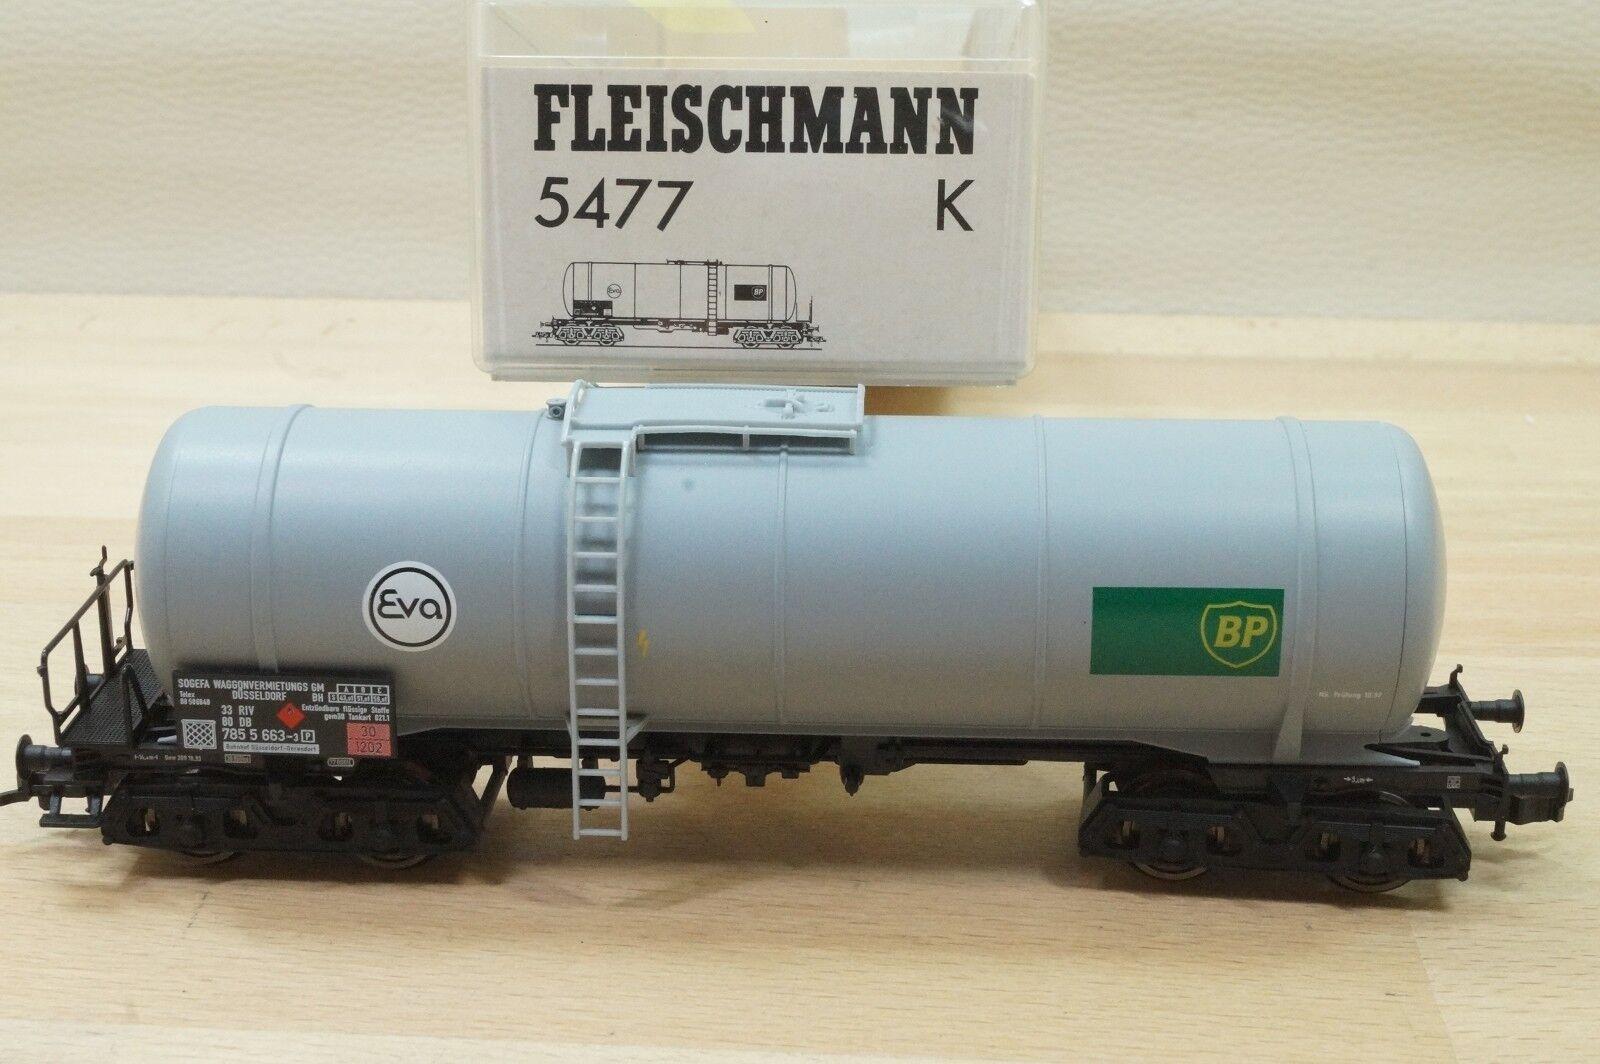 Fleischmann 5477 K Kesselwagen BP   Eva   33 80 785 5 663-3 RIV der DB in OVP